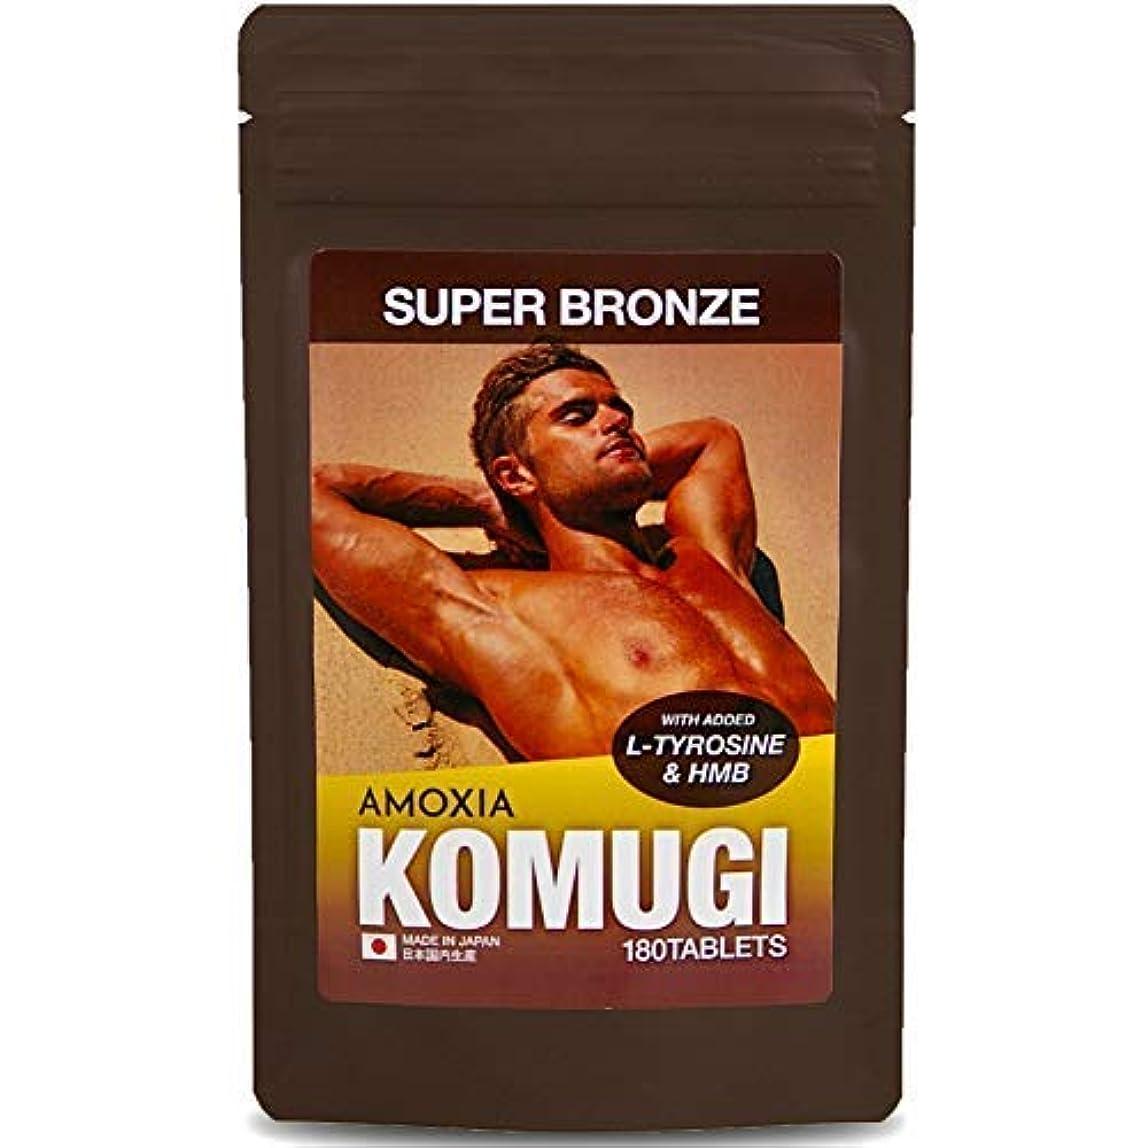 浸した地平線展望台KOMUGI 日焼けと筋肉増強で新発想の飲むタンニング タンニングサプリメント 安心の国産 HMB配合 国産シェア100%